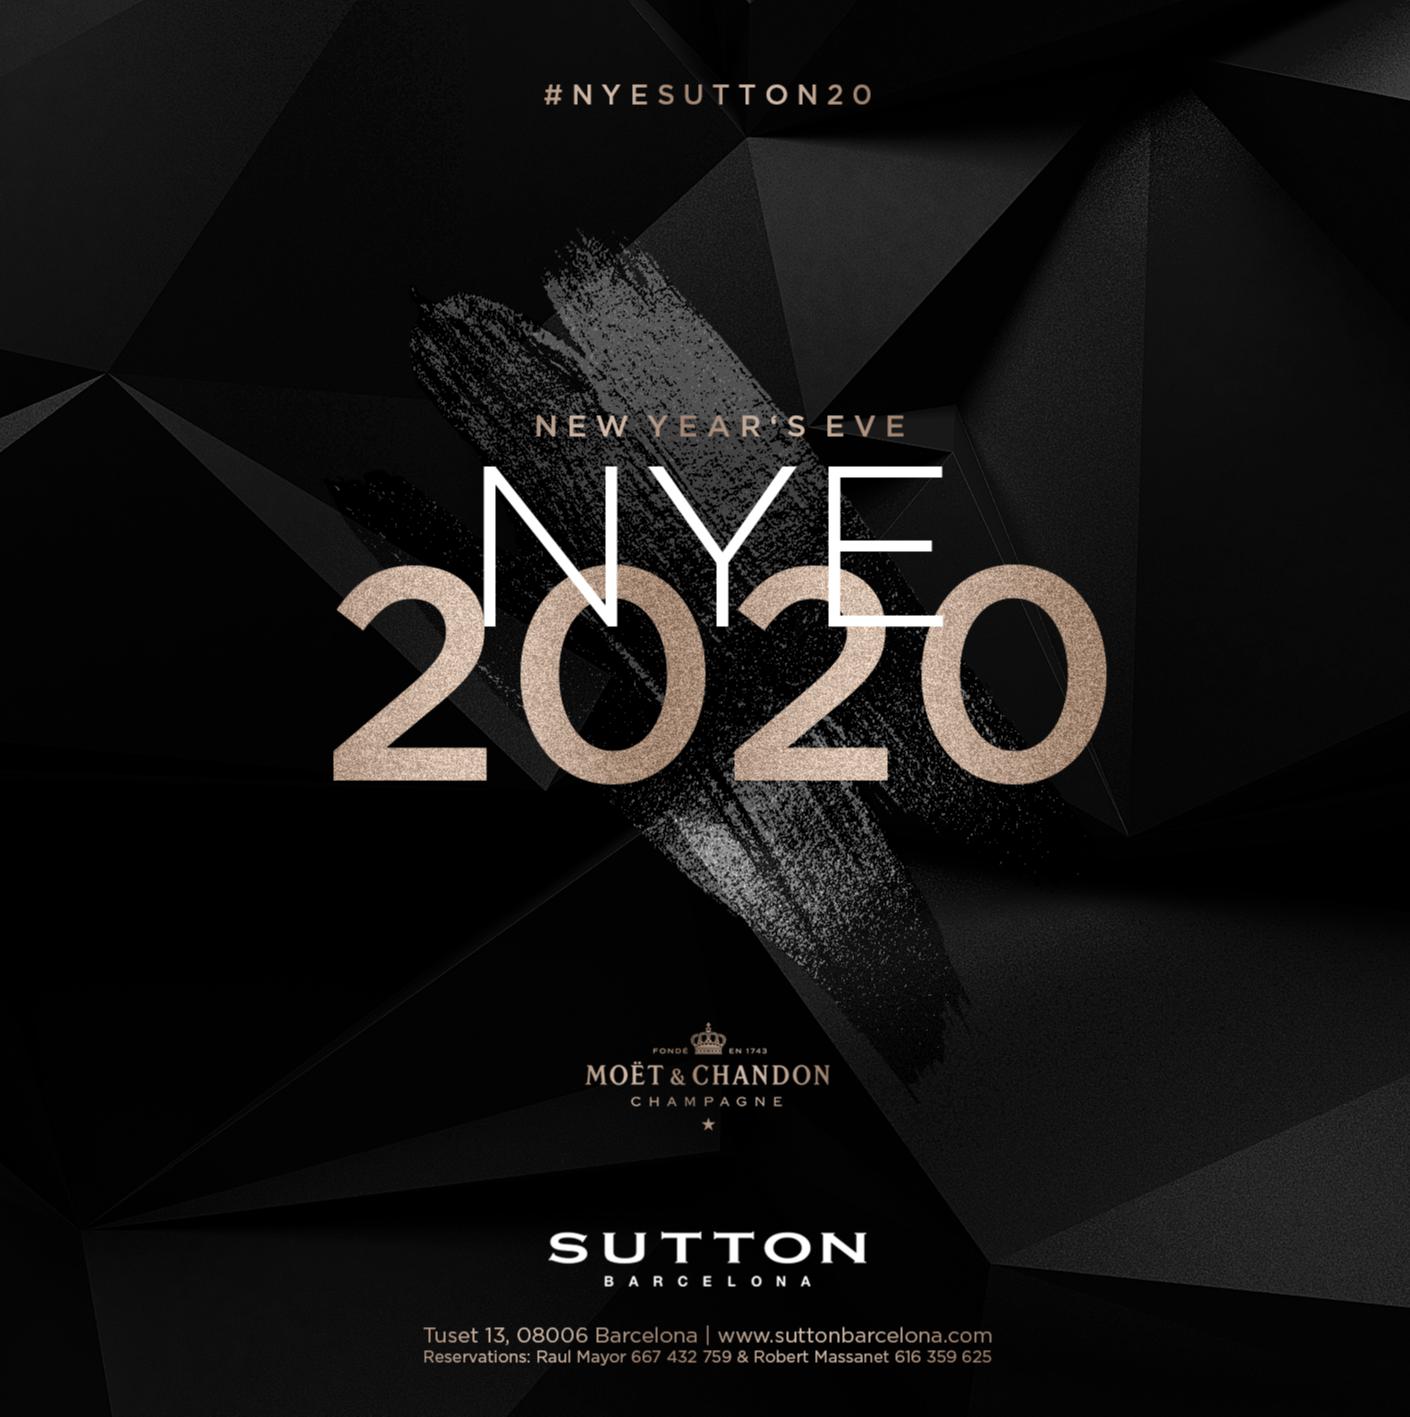 SUTTON NYE 2020 - Club Sutton The Club